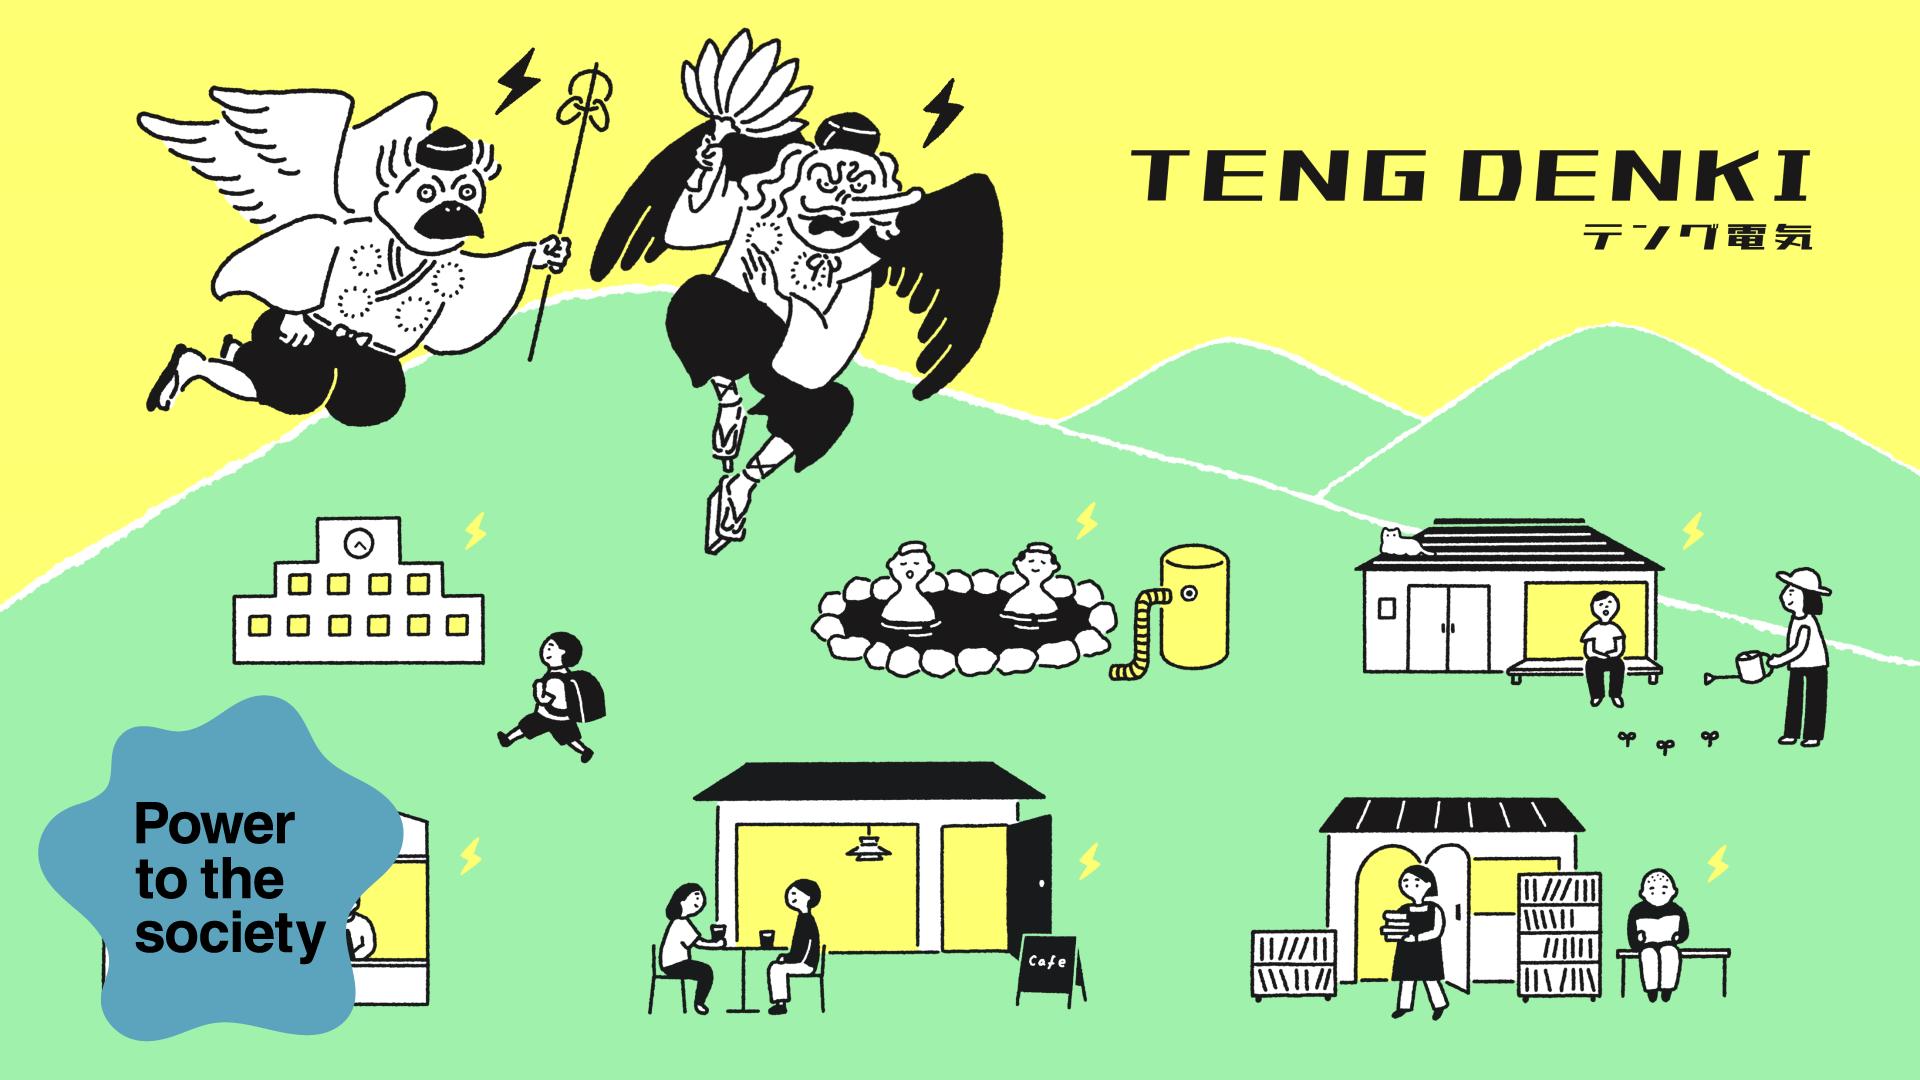 TENG DENKI